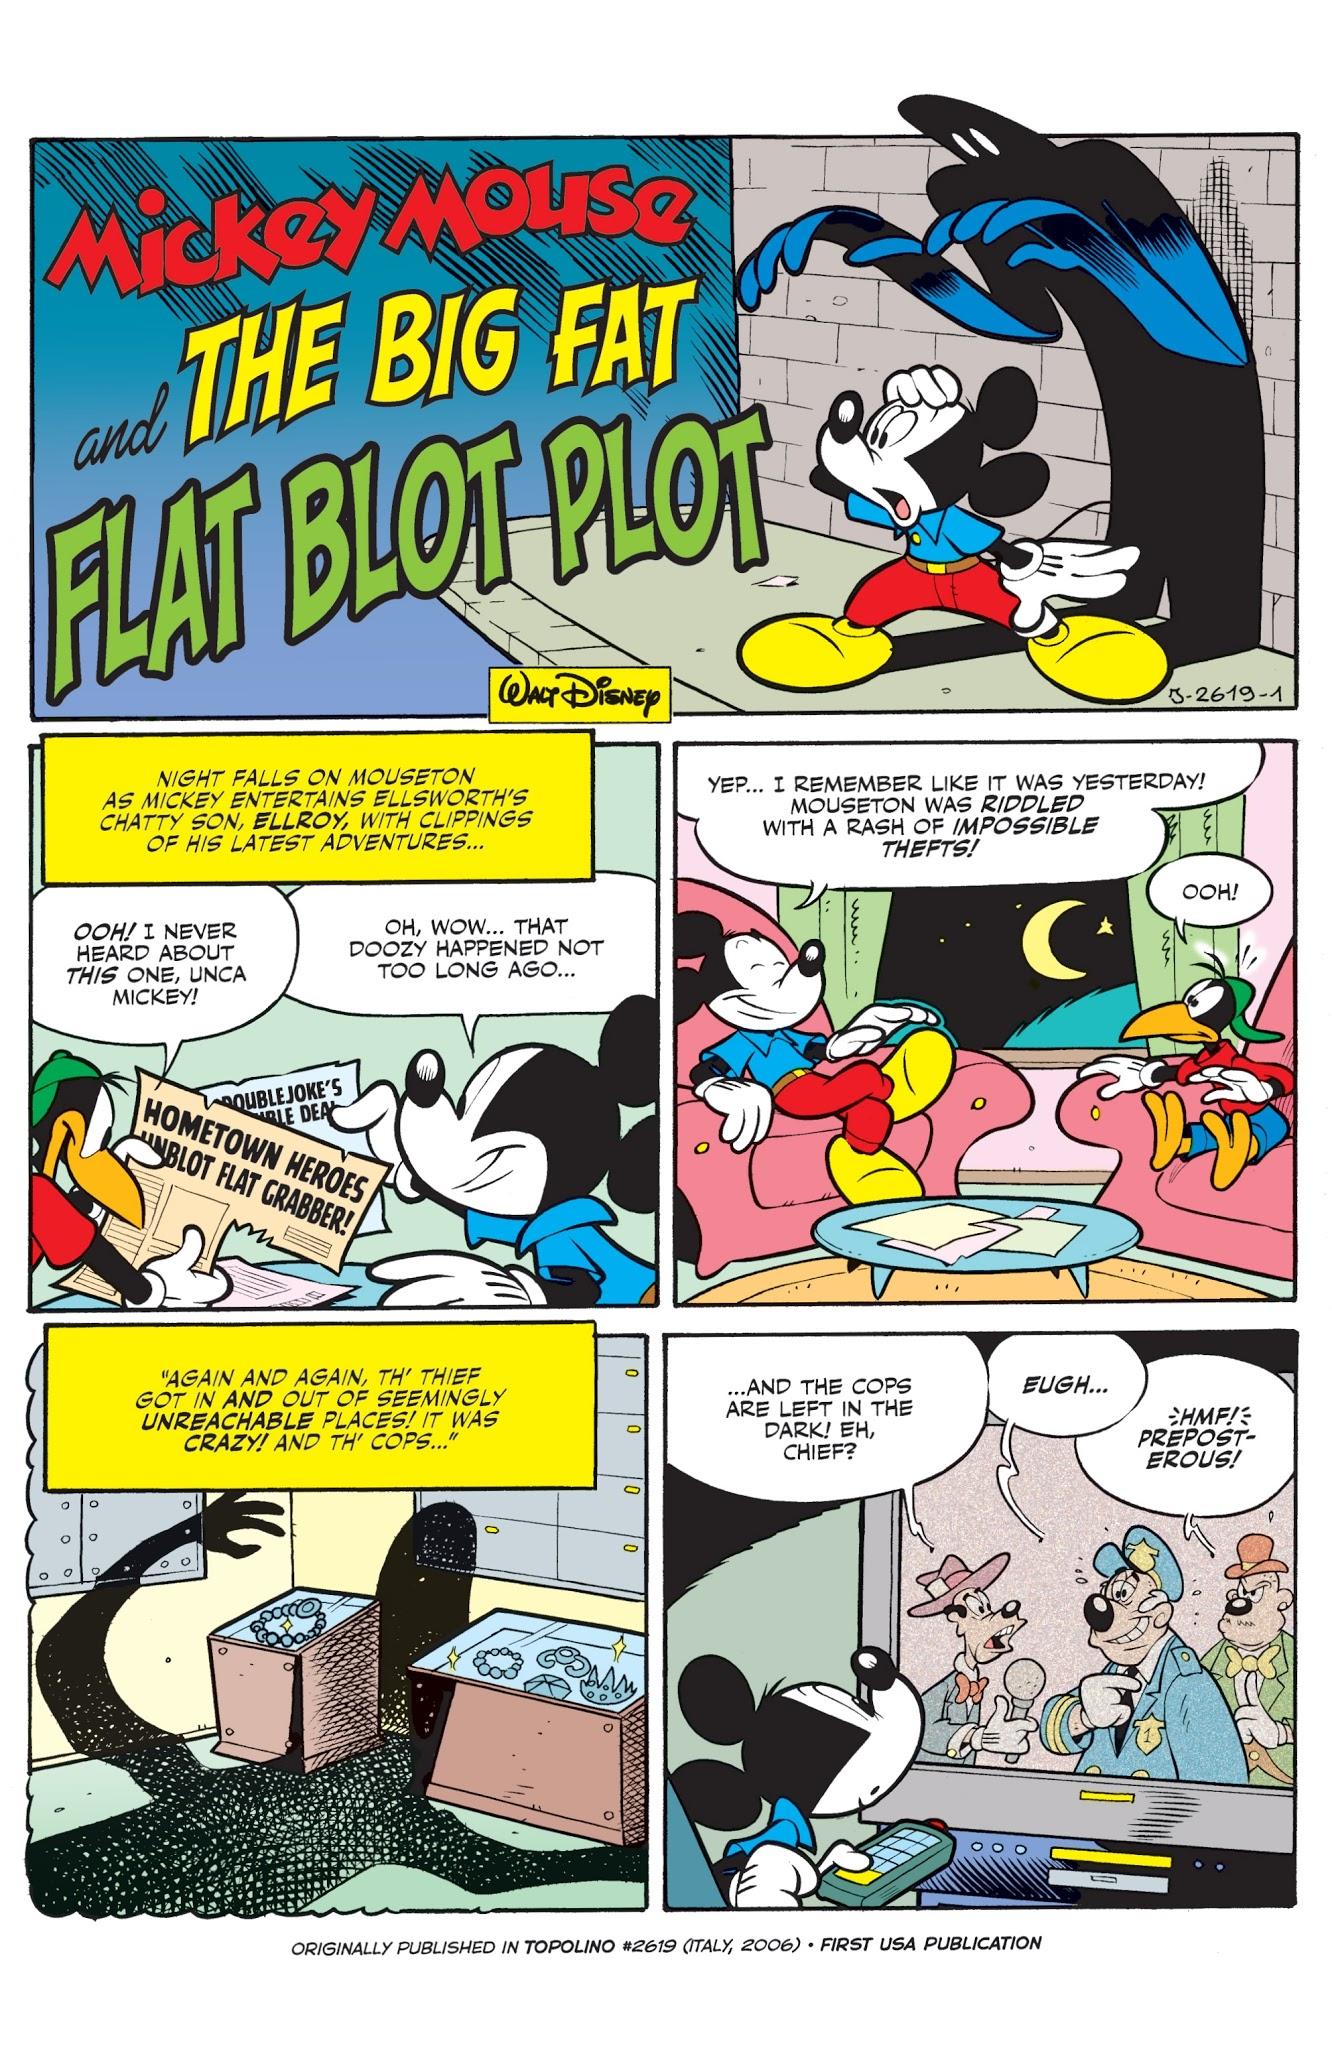 The Big Fat Flat Blot Plot